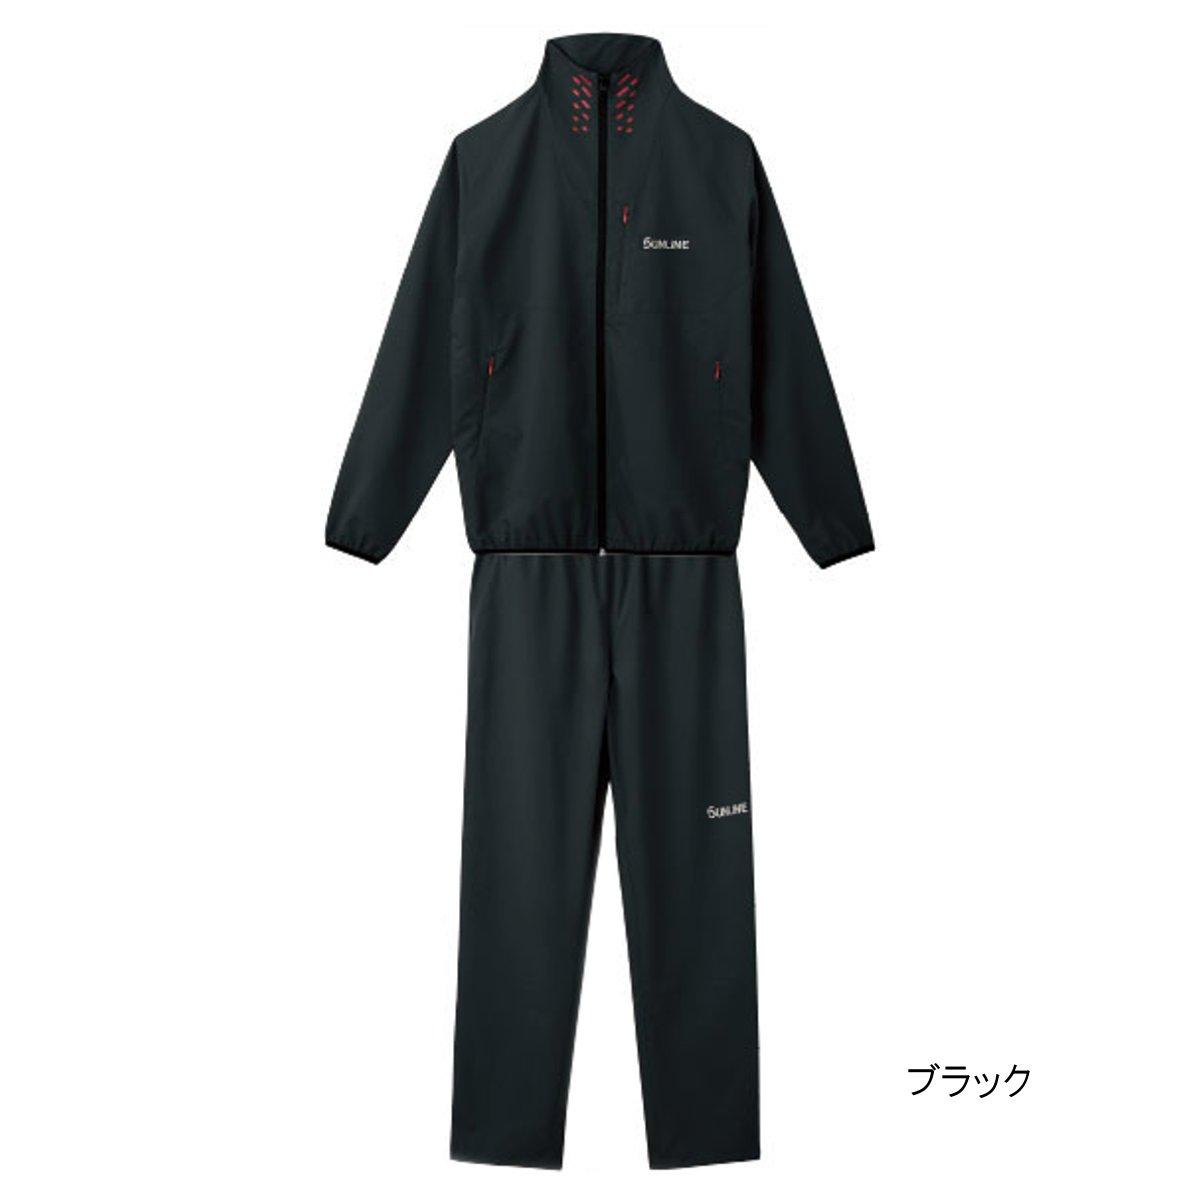 ライトストレッチスーツ SUW-3226 L ブラック